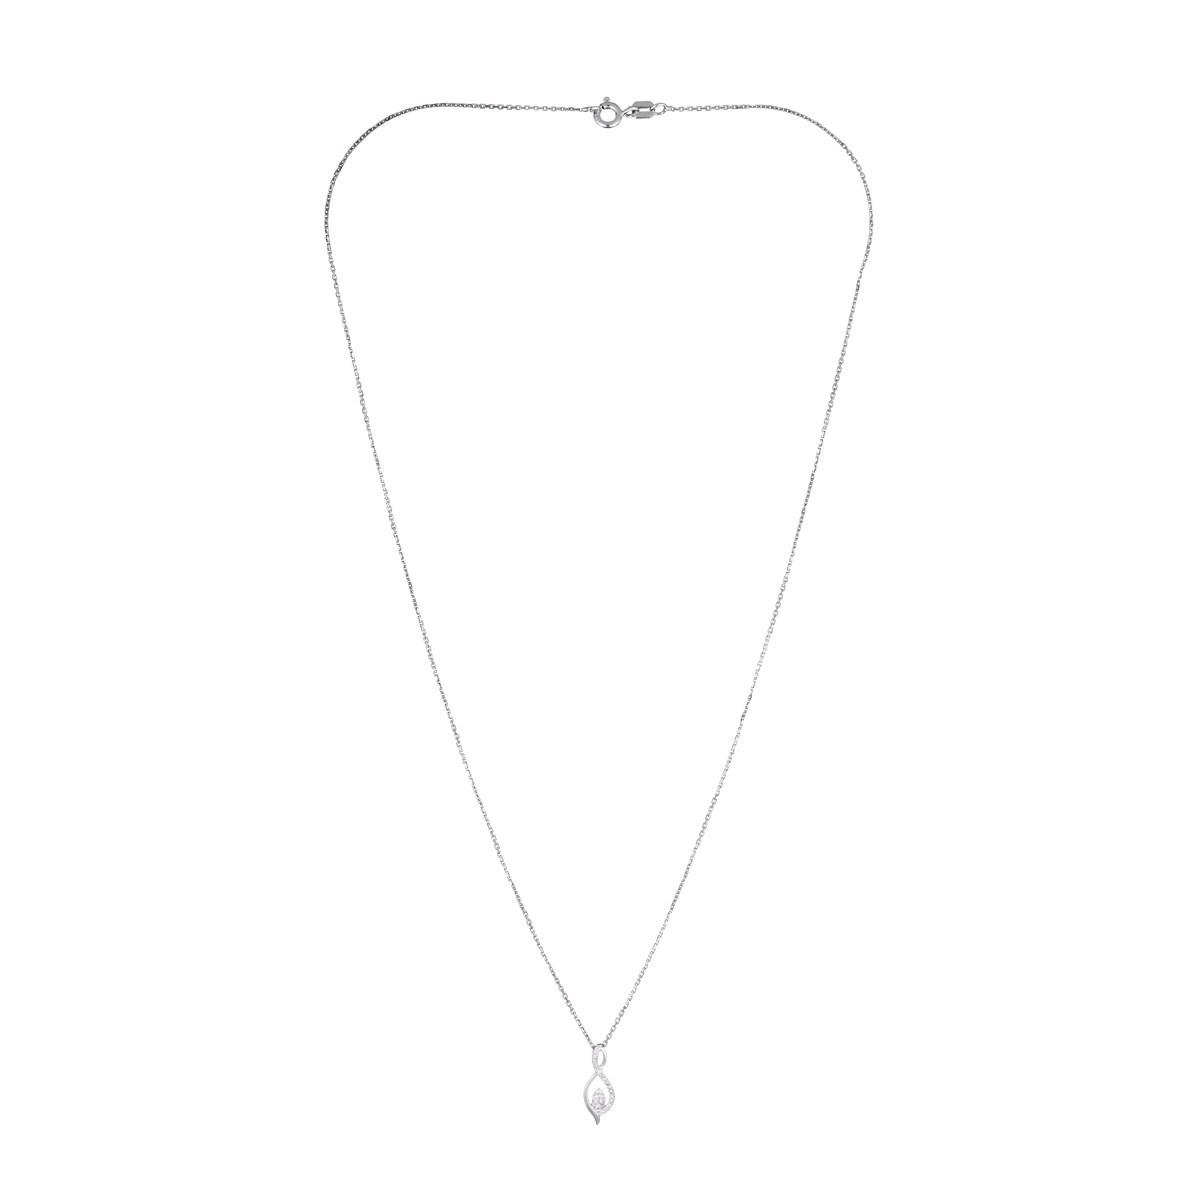 """Pendentif Or Blanc """"LUNA"""" Diamants 0,07 carat + chaîne argent offerte"""